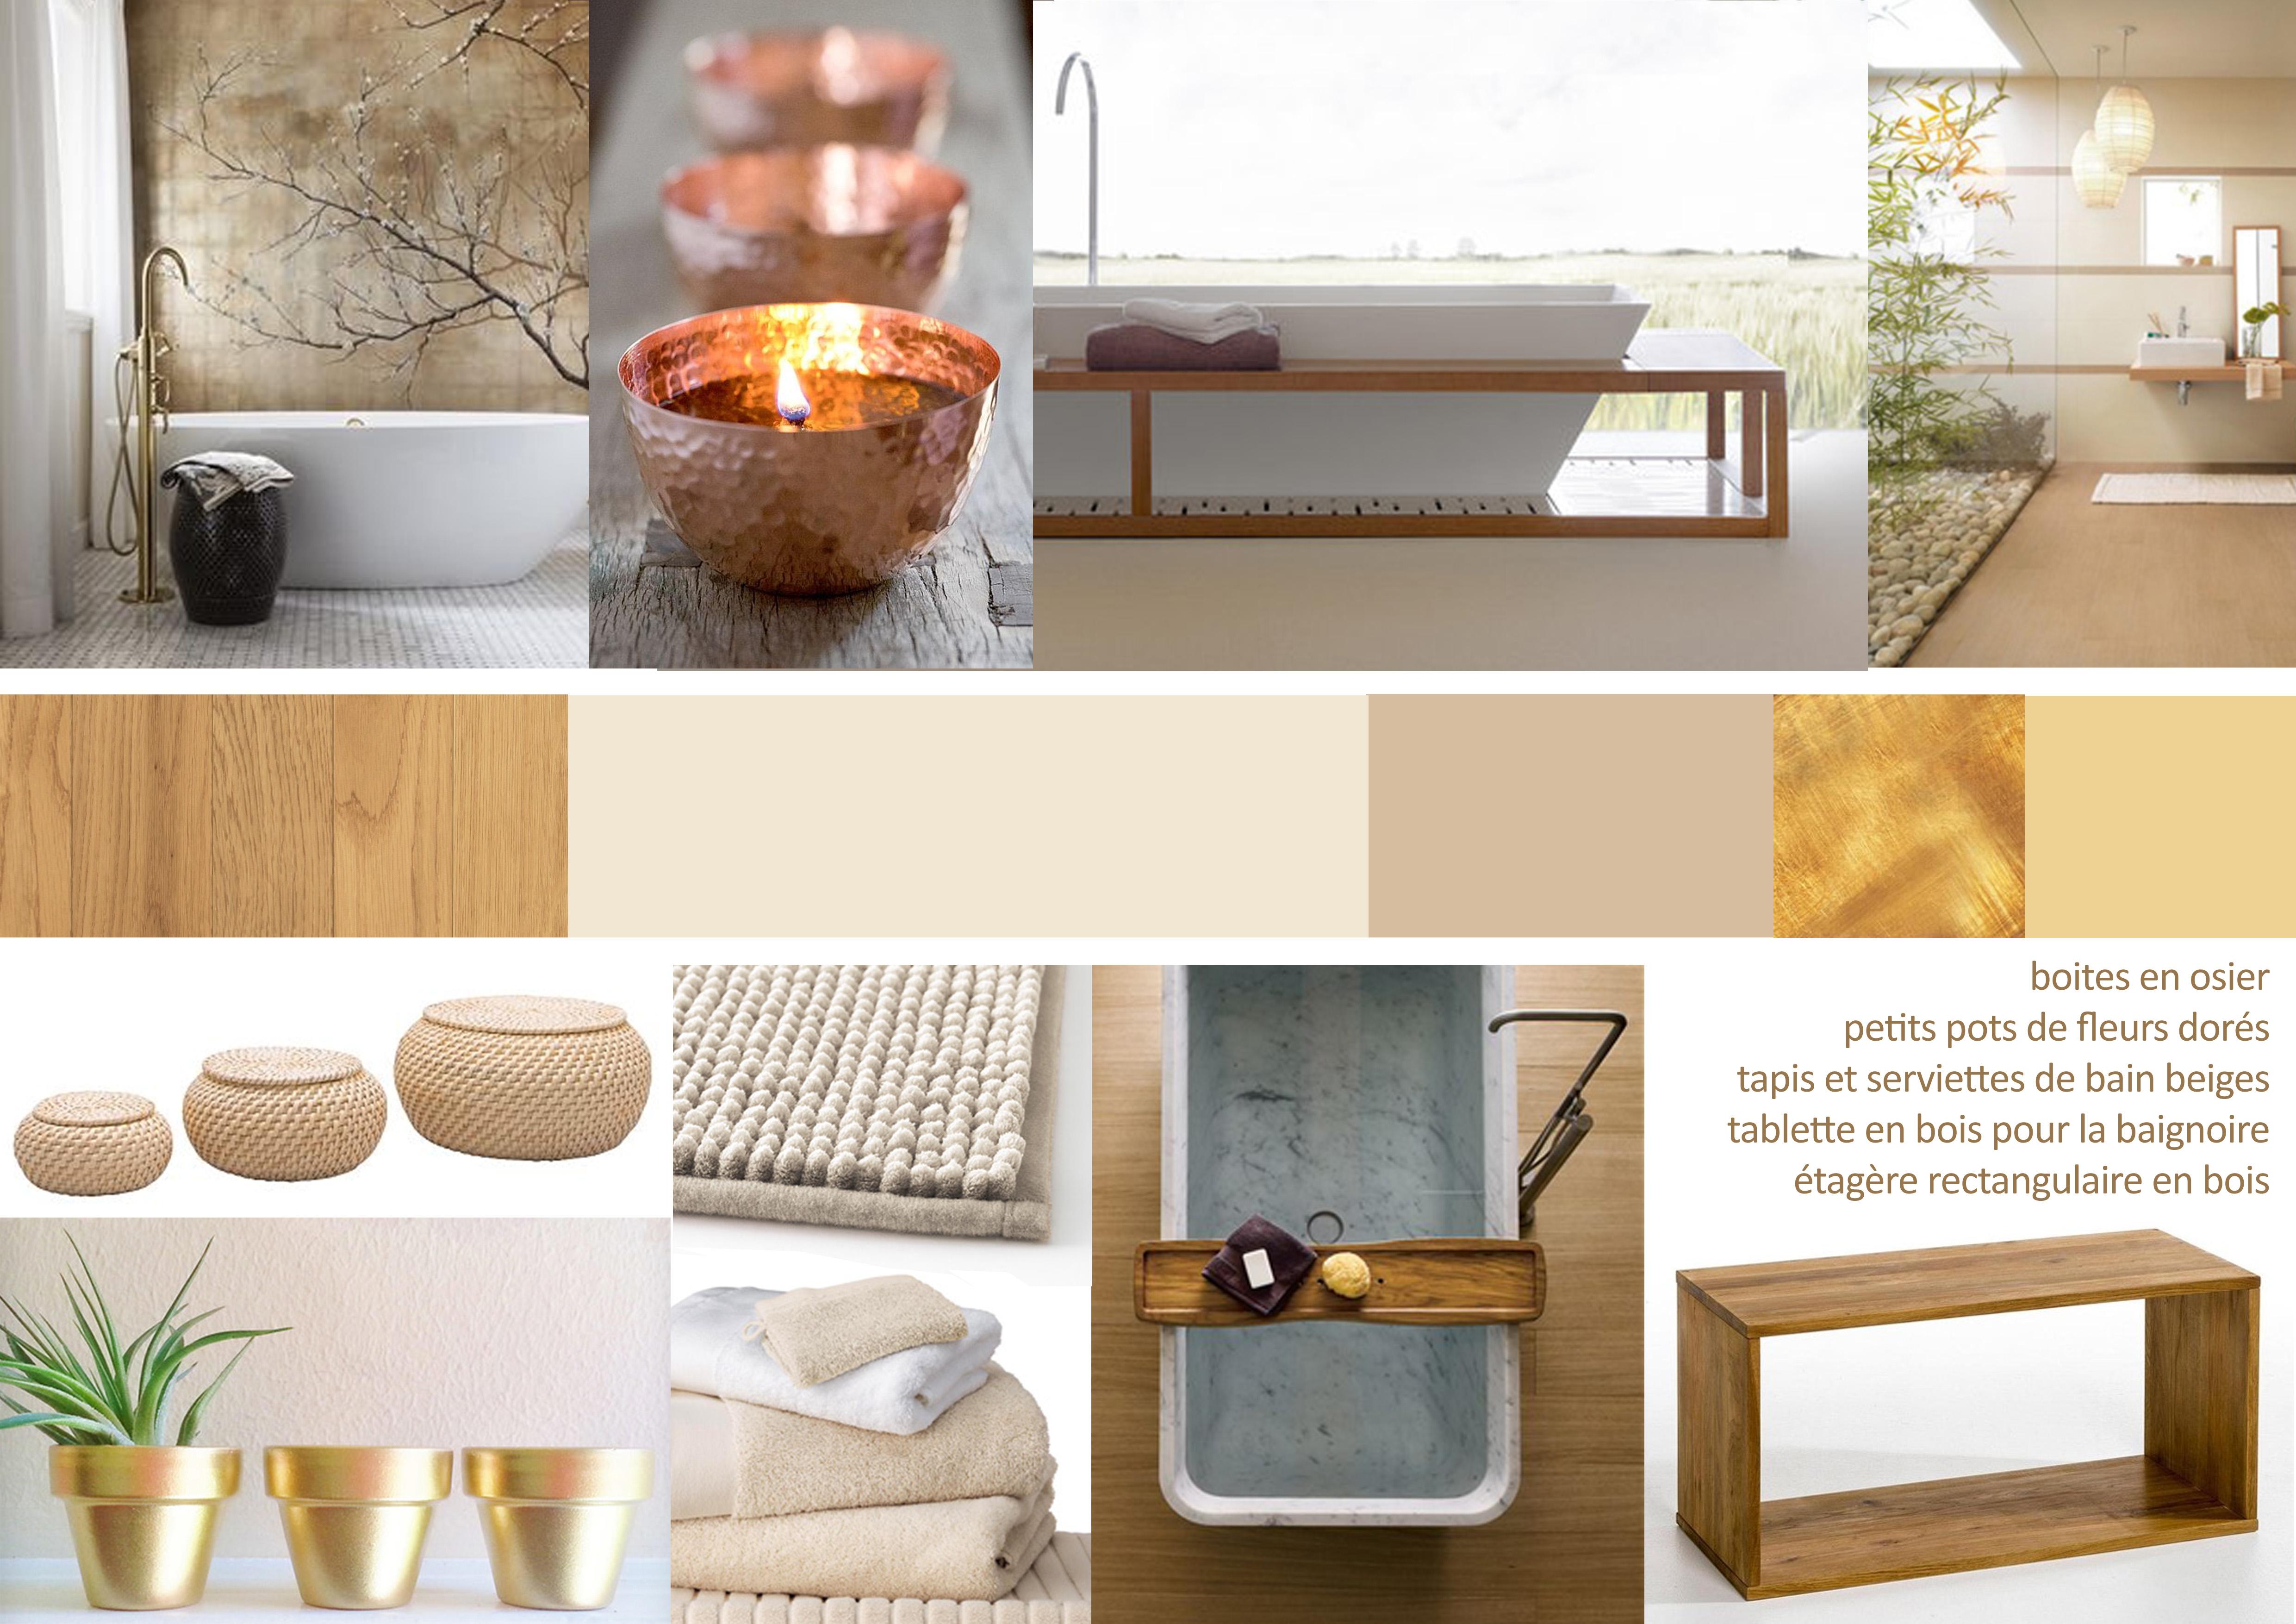 inspiration pour une salle de bain apaisante